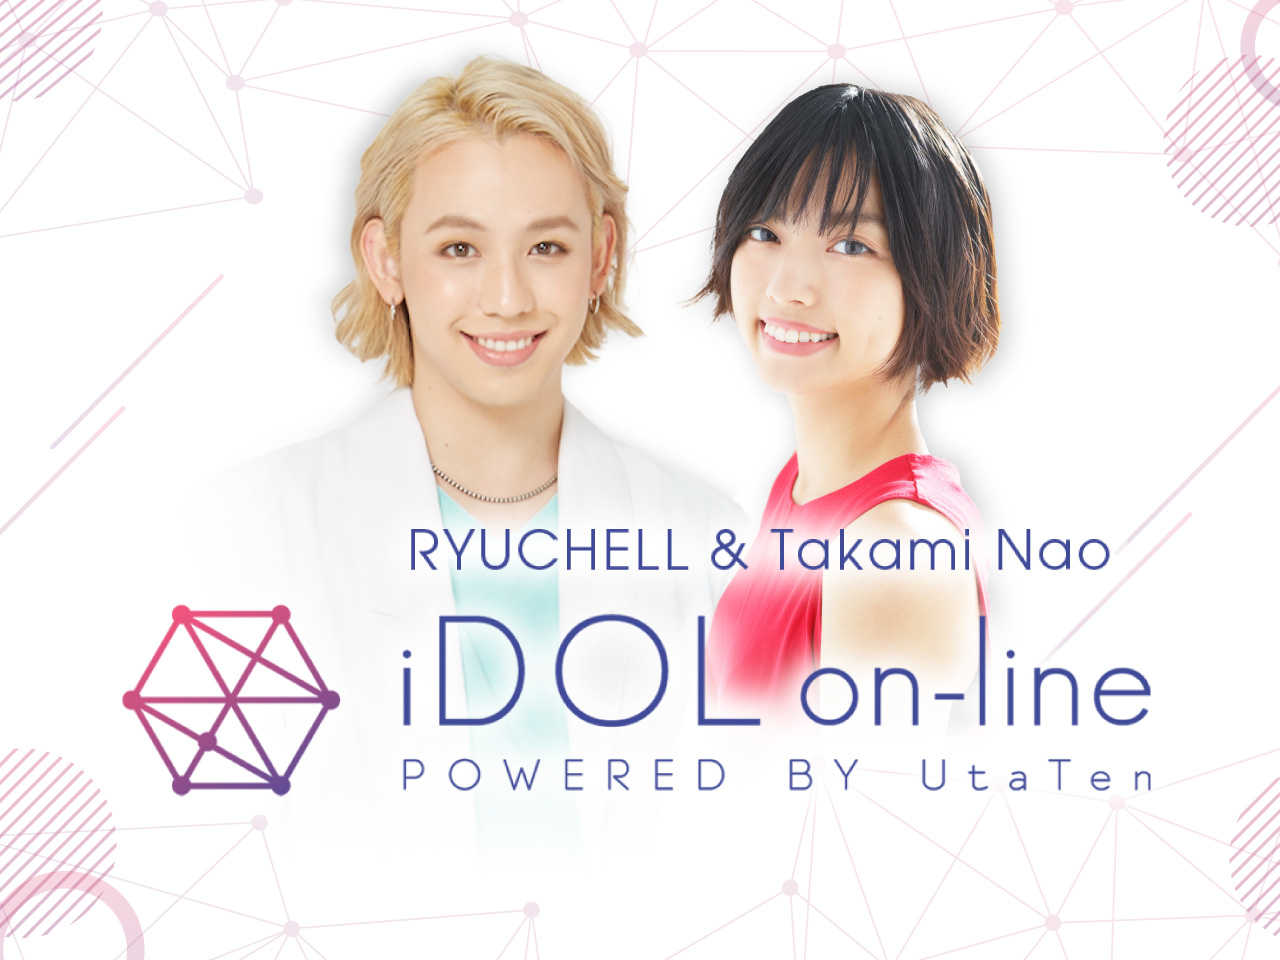 『りゅうちぇると高見奈央のiDOL on-line !』第14回のゲストはかみやど&ハニースパイスRe.!